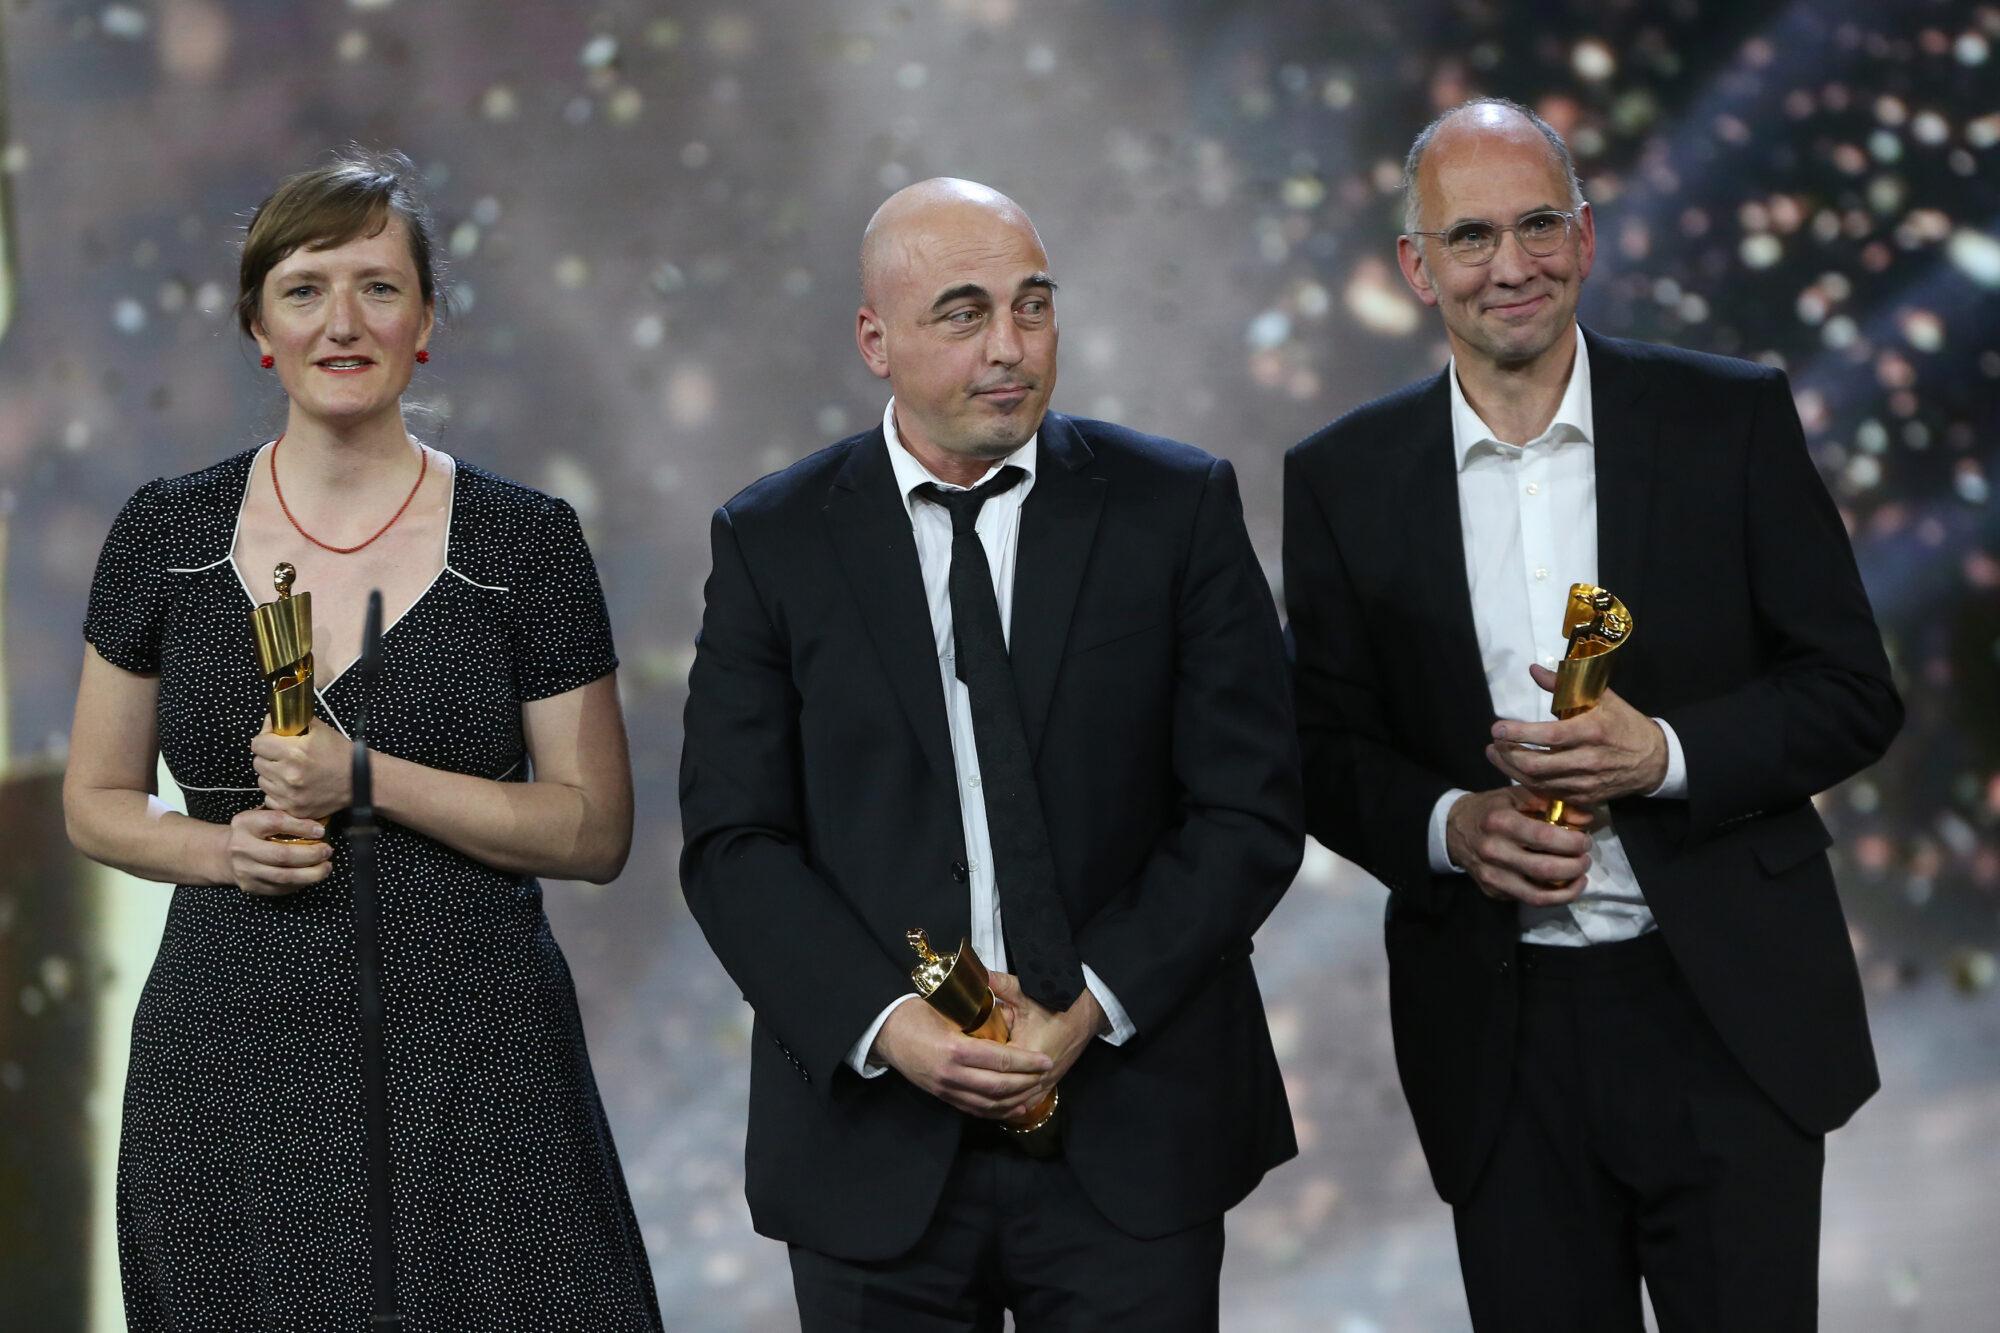 Hochzeitskapelle erhält Deutschen Filmpreis